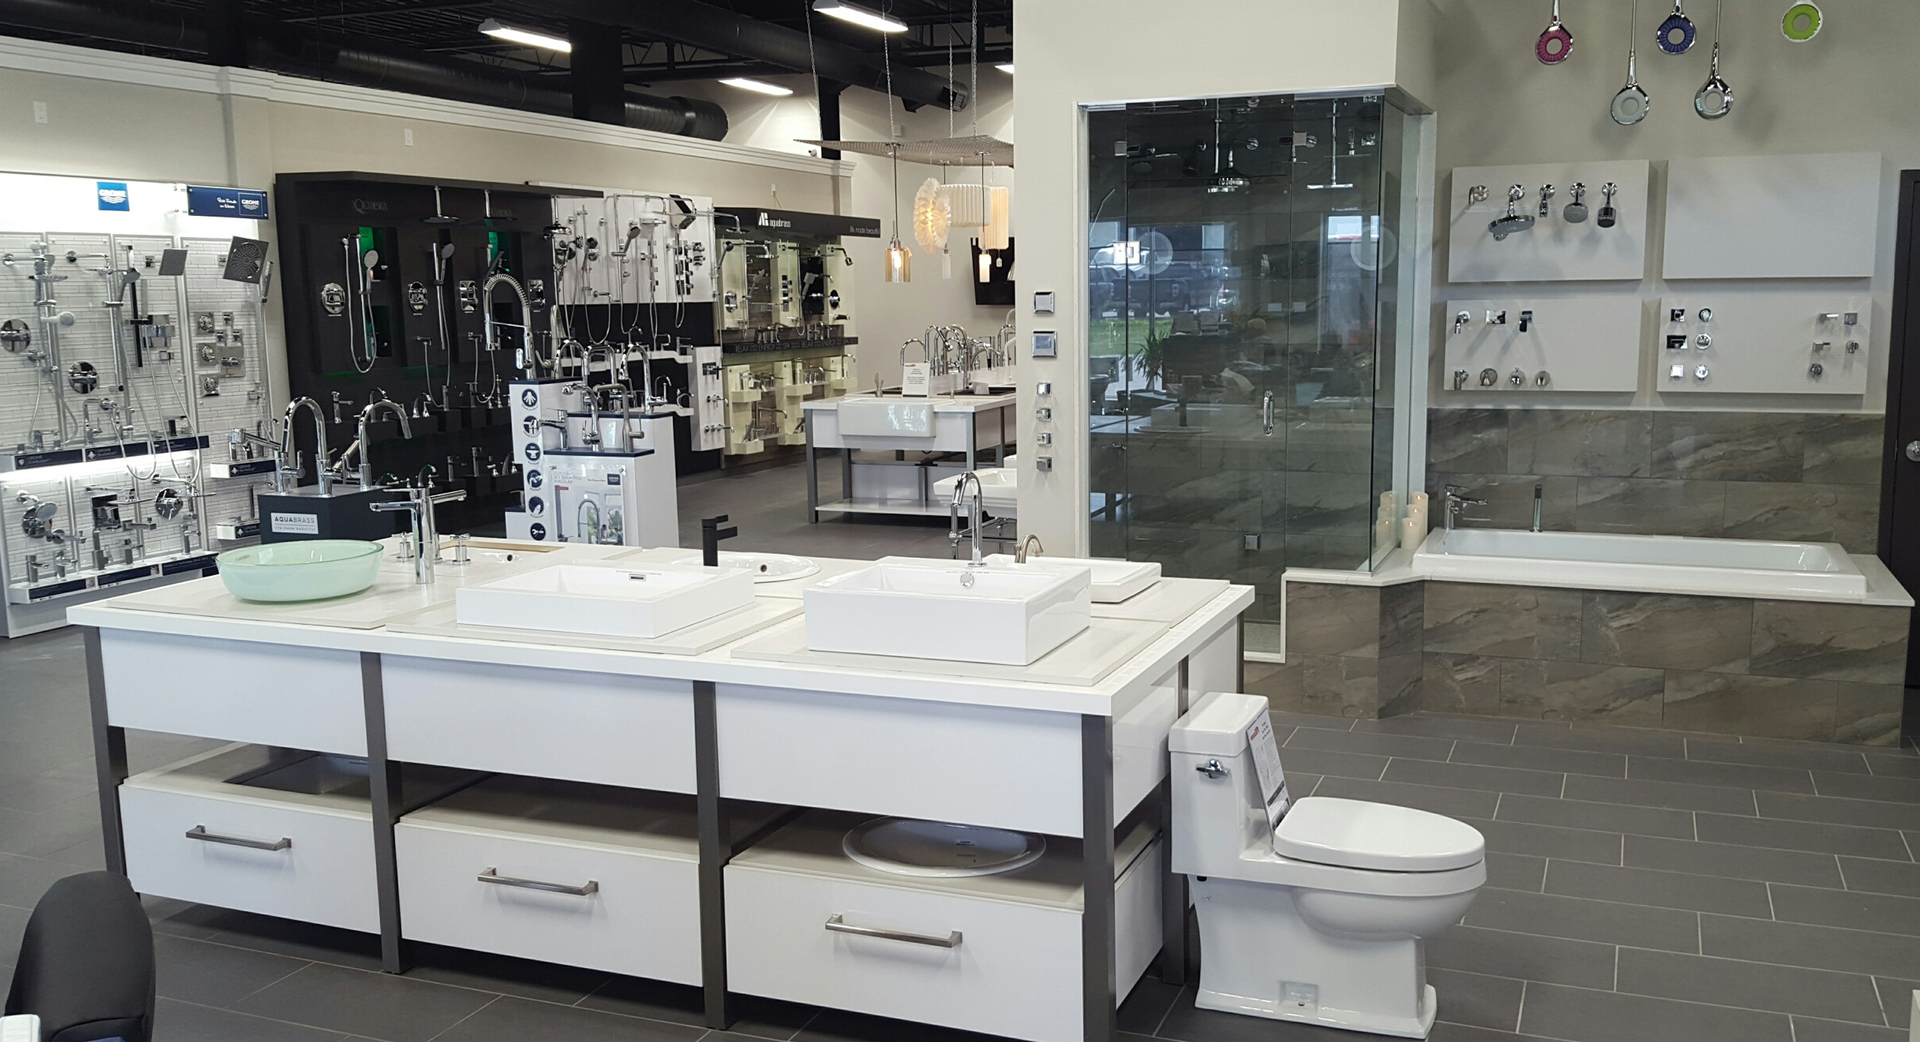 Bathroom Showrooms - Plumbers Supply